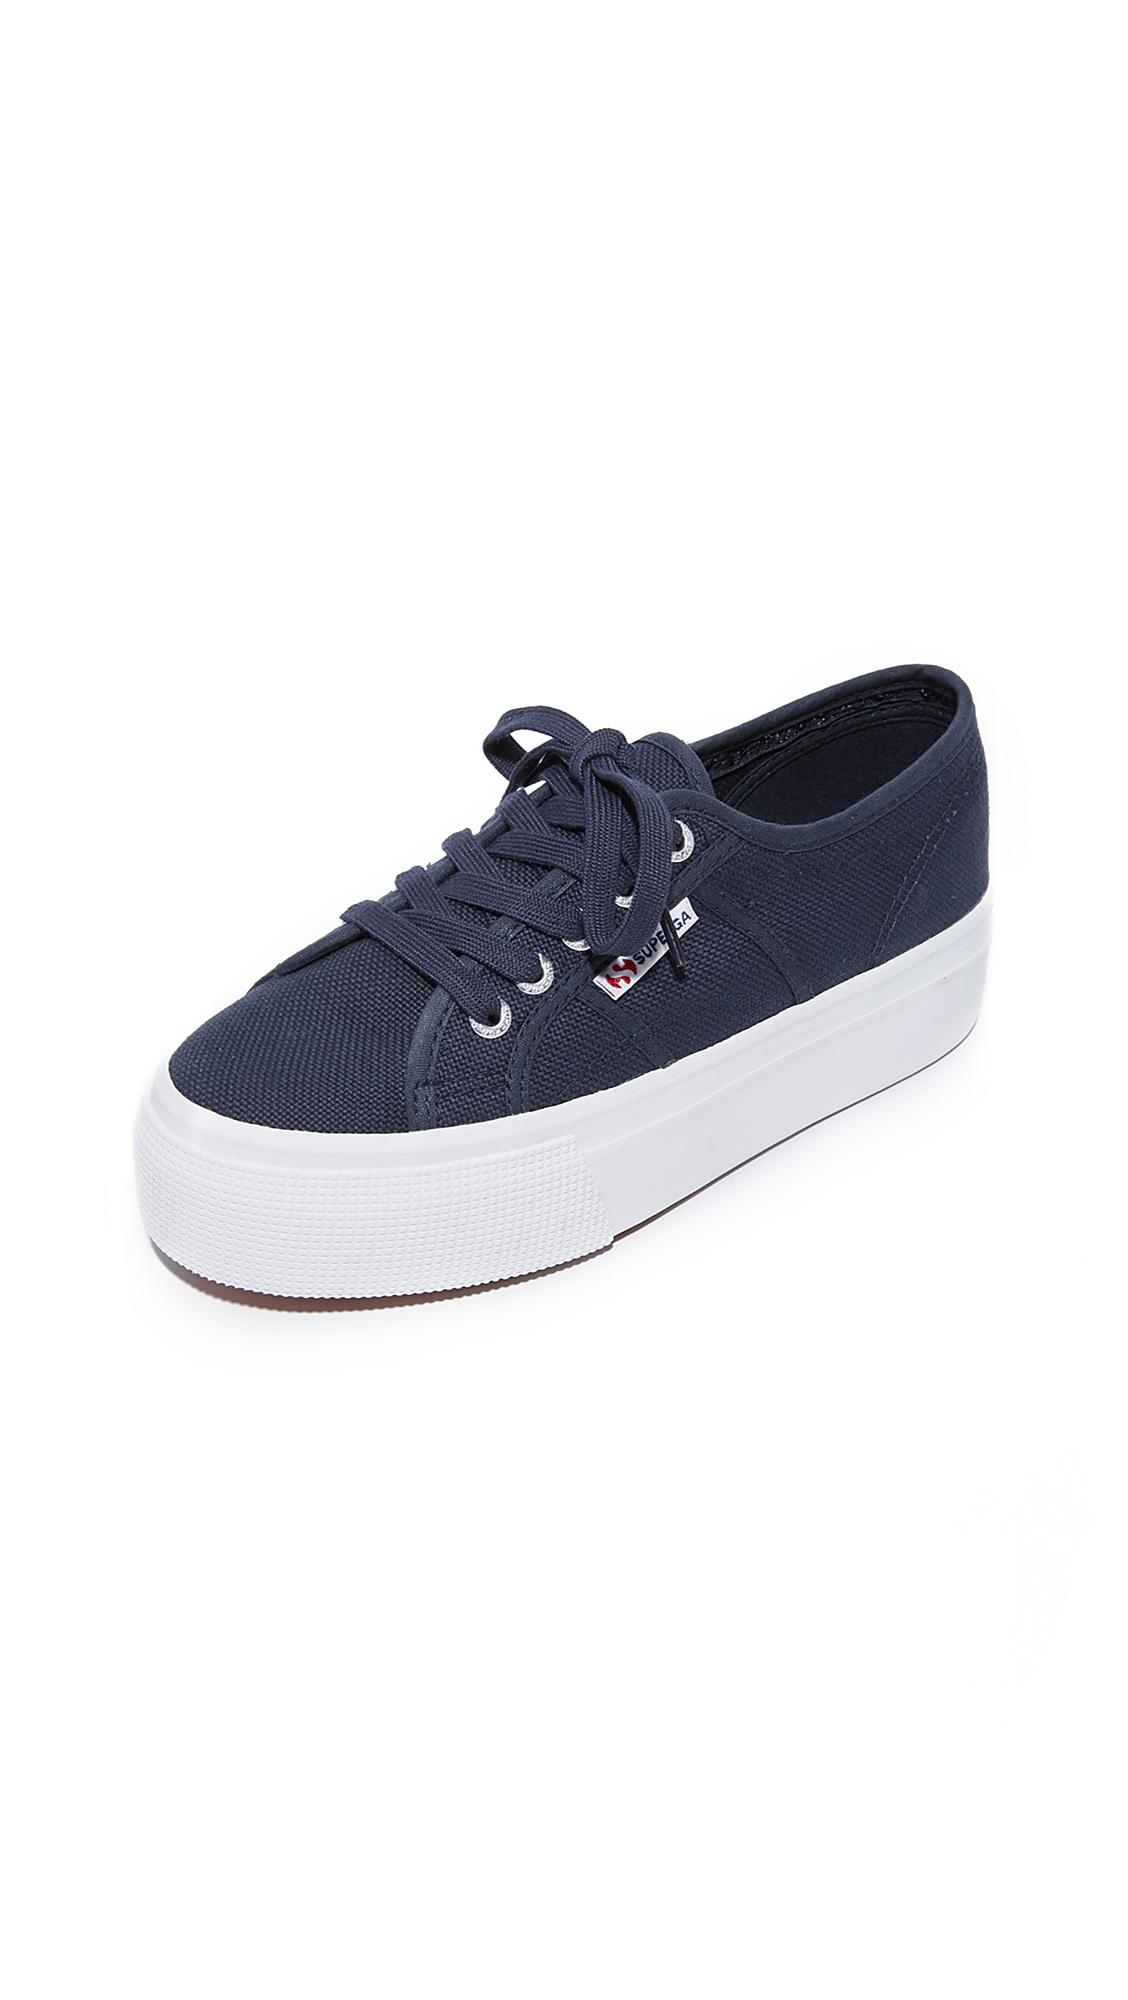 Superga 2790 ACOTW Platform Sneakers - Navy